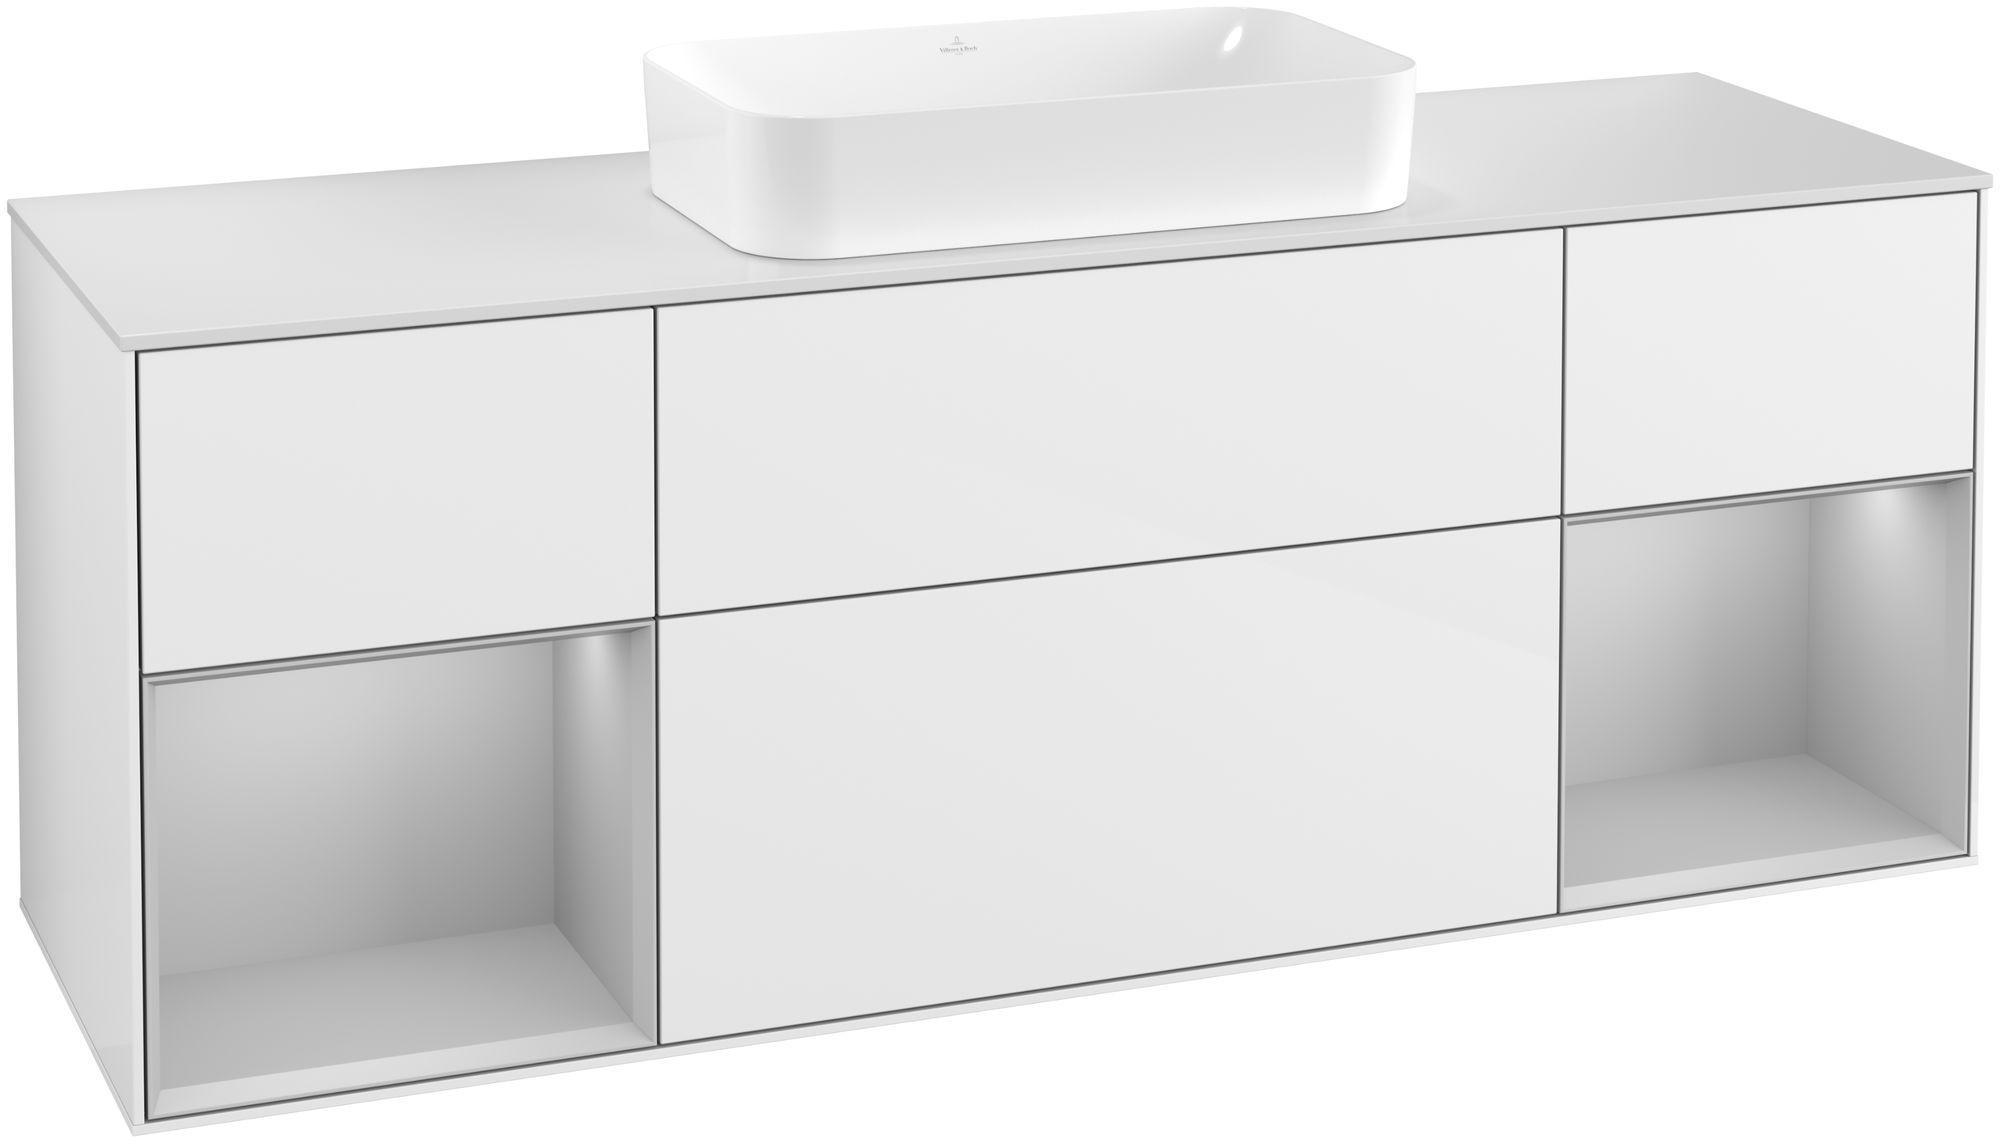 Villeroy & Boch Finion F33 Waschtischunterschrank mit Regalelement 4 Auszüge für WT mittig LED-Beleuchtung B:160xH:60,3xT:50,1cm Front, Korpus: Glossy White Lack, Regal: Light Grey Matt, Glasplatte: White Matt F331GJGF